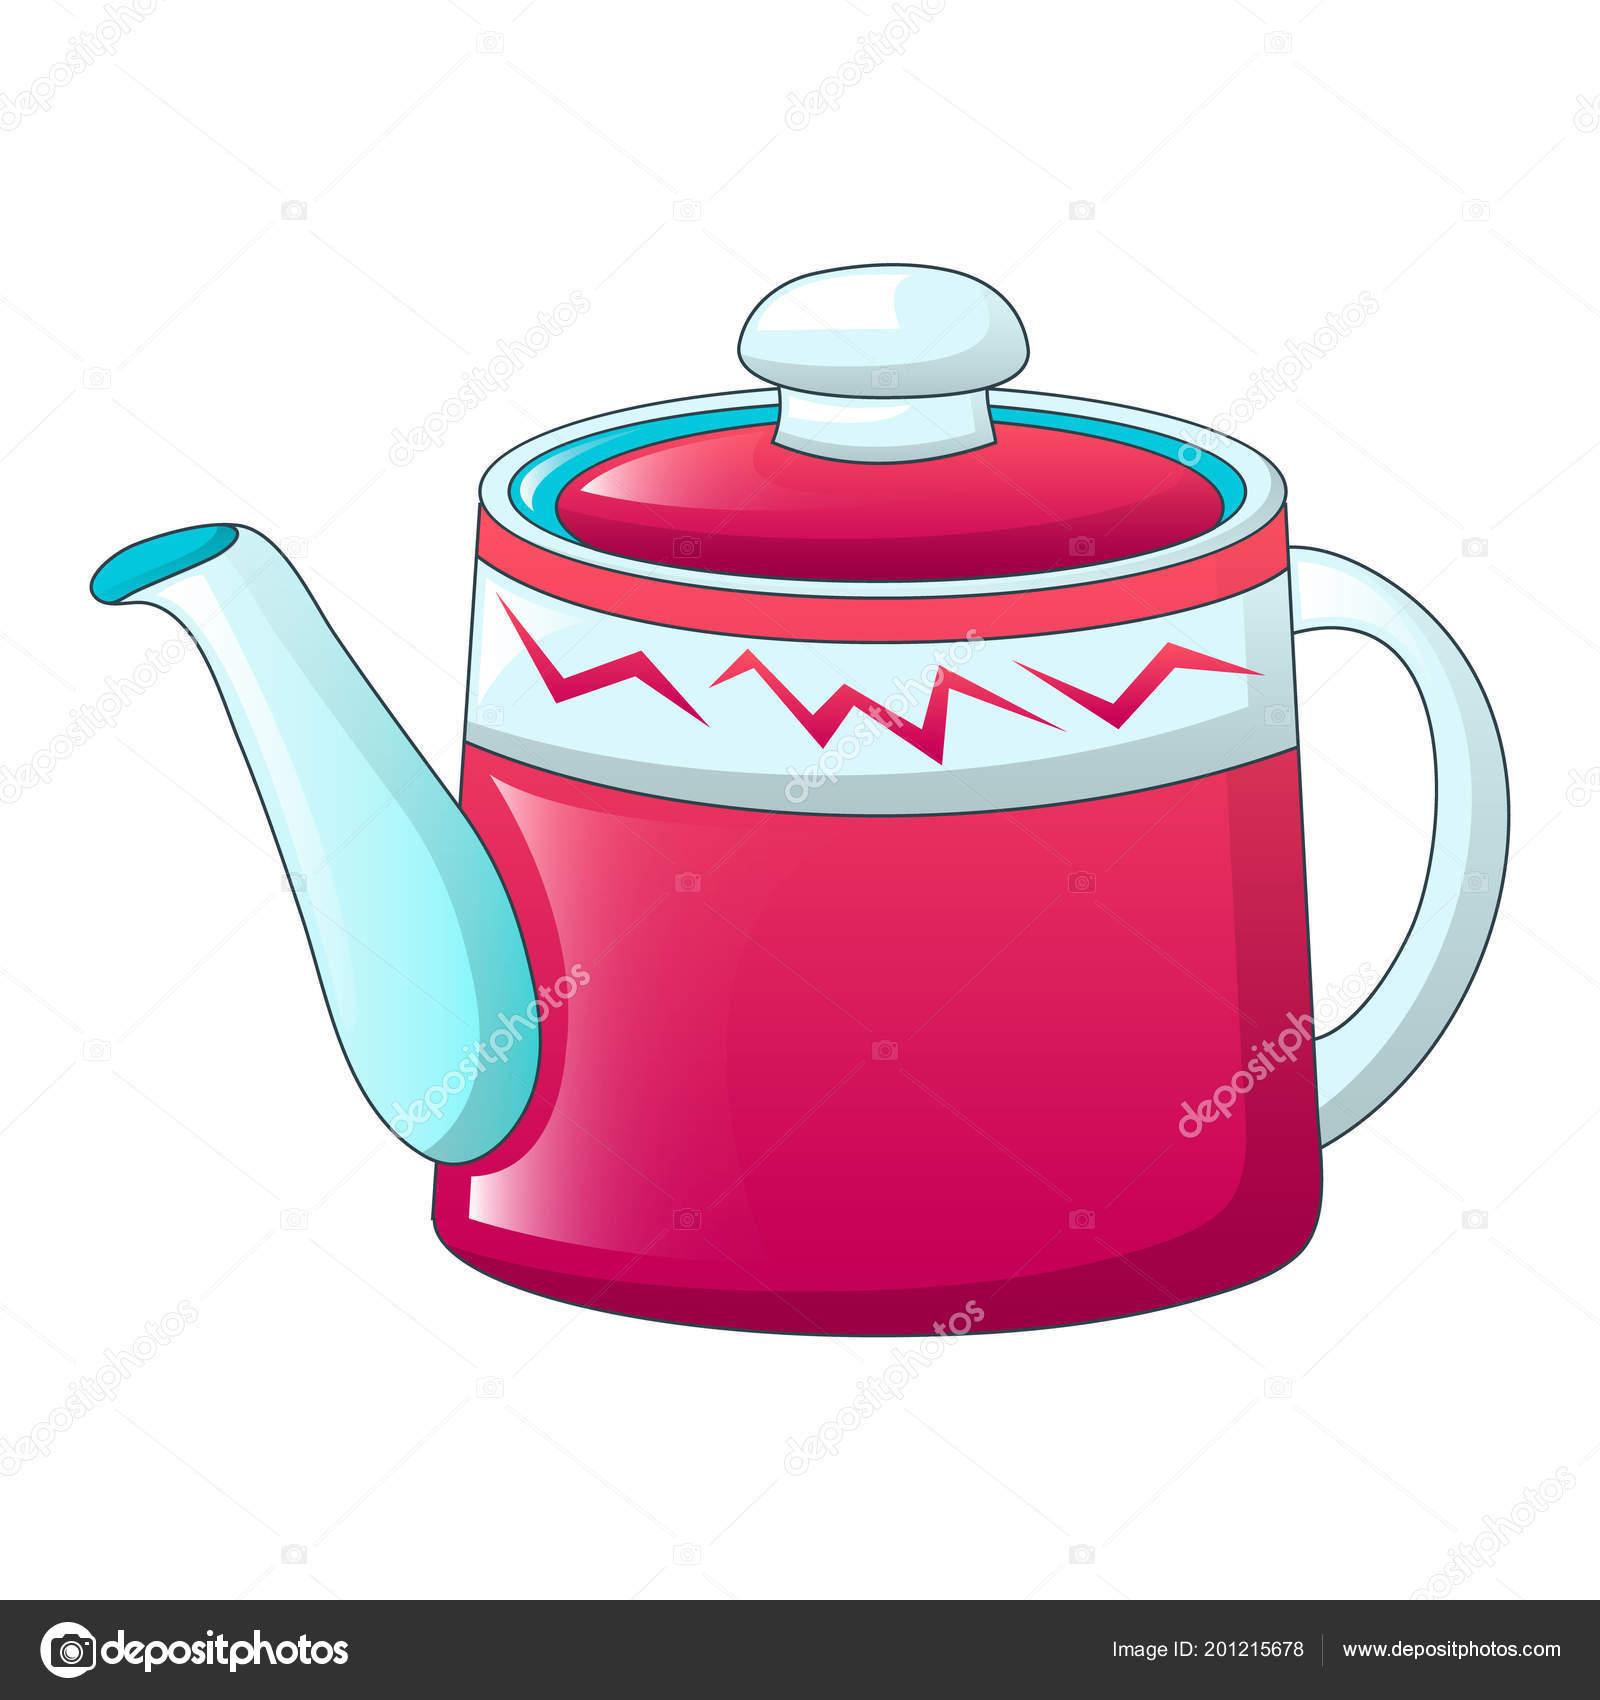 Red Tea Pot Icon Cartoon Style Stockvektor Ylivdesign 201215678